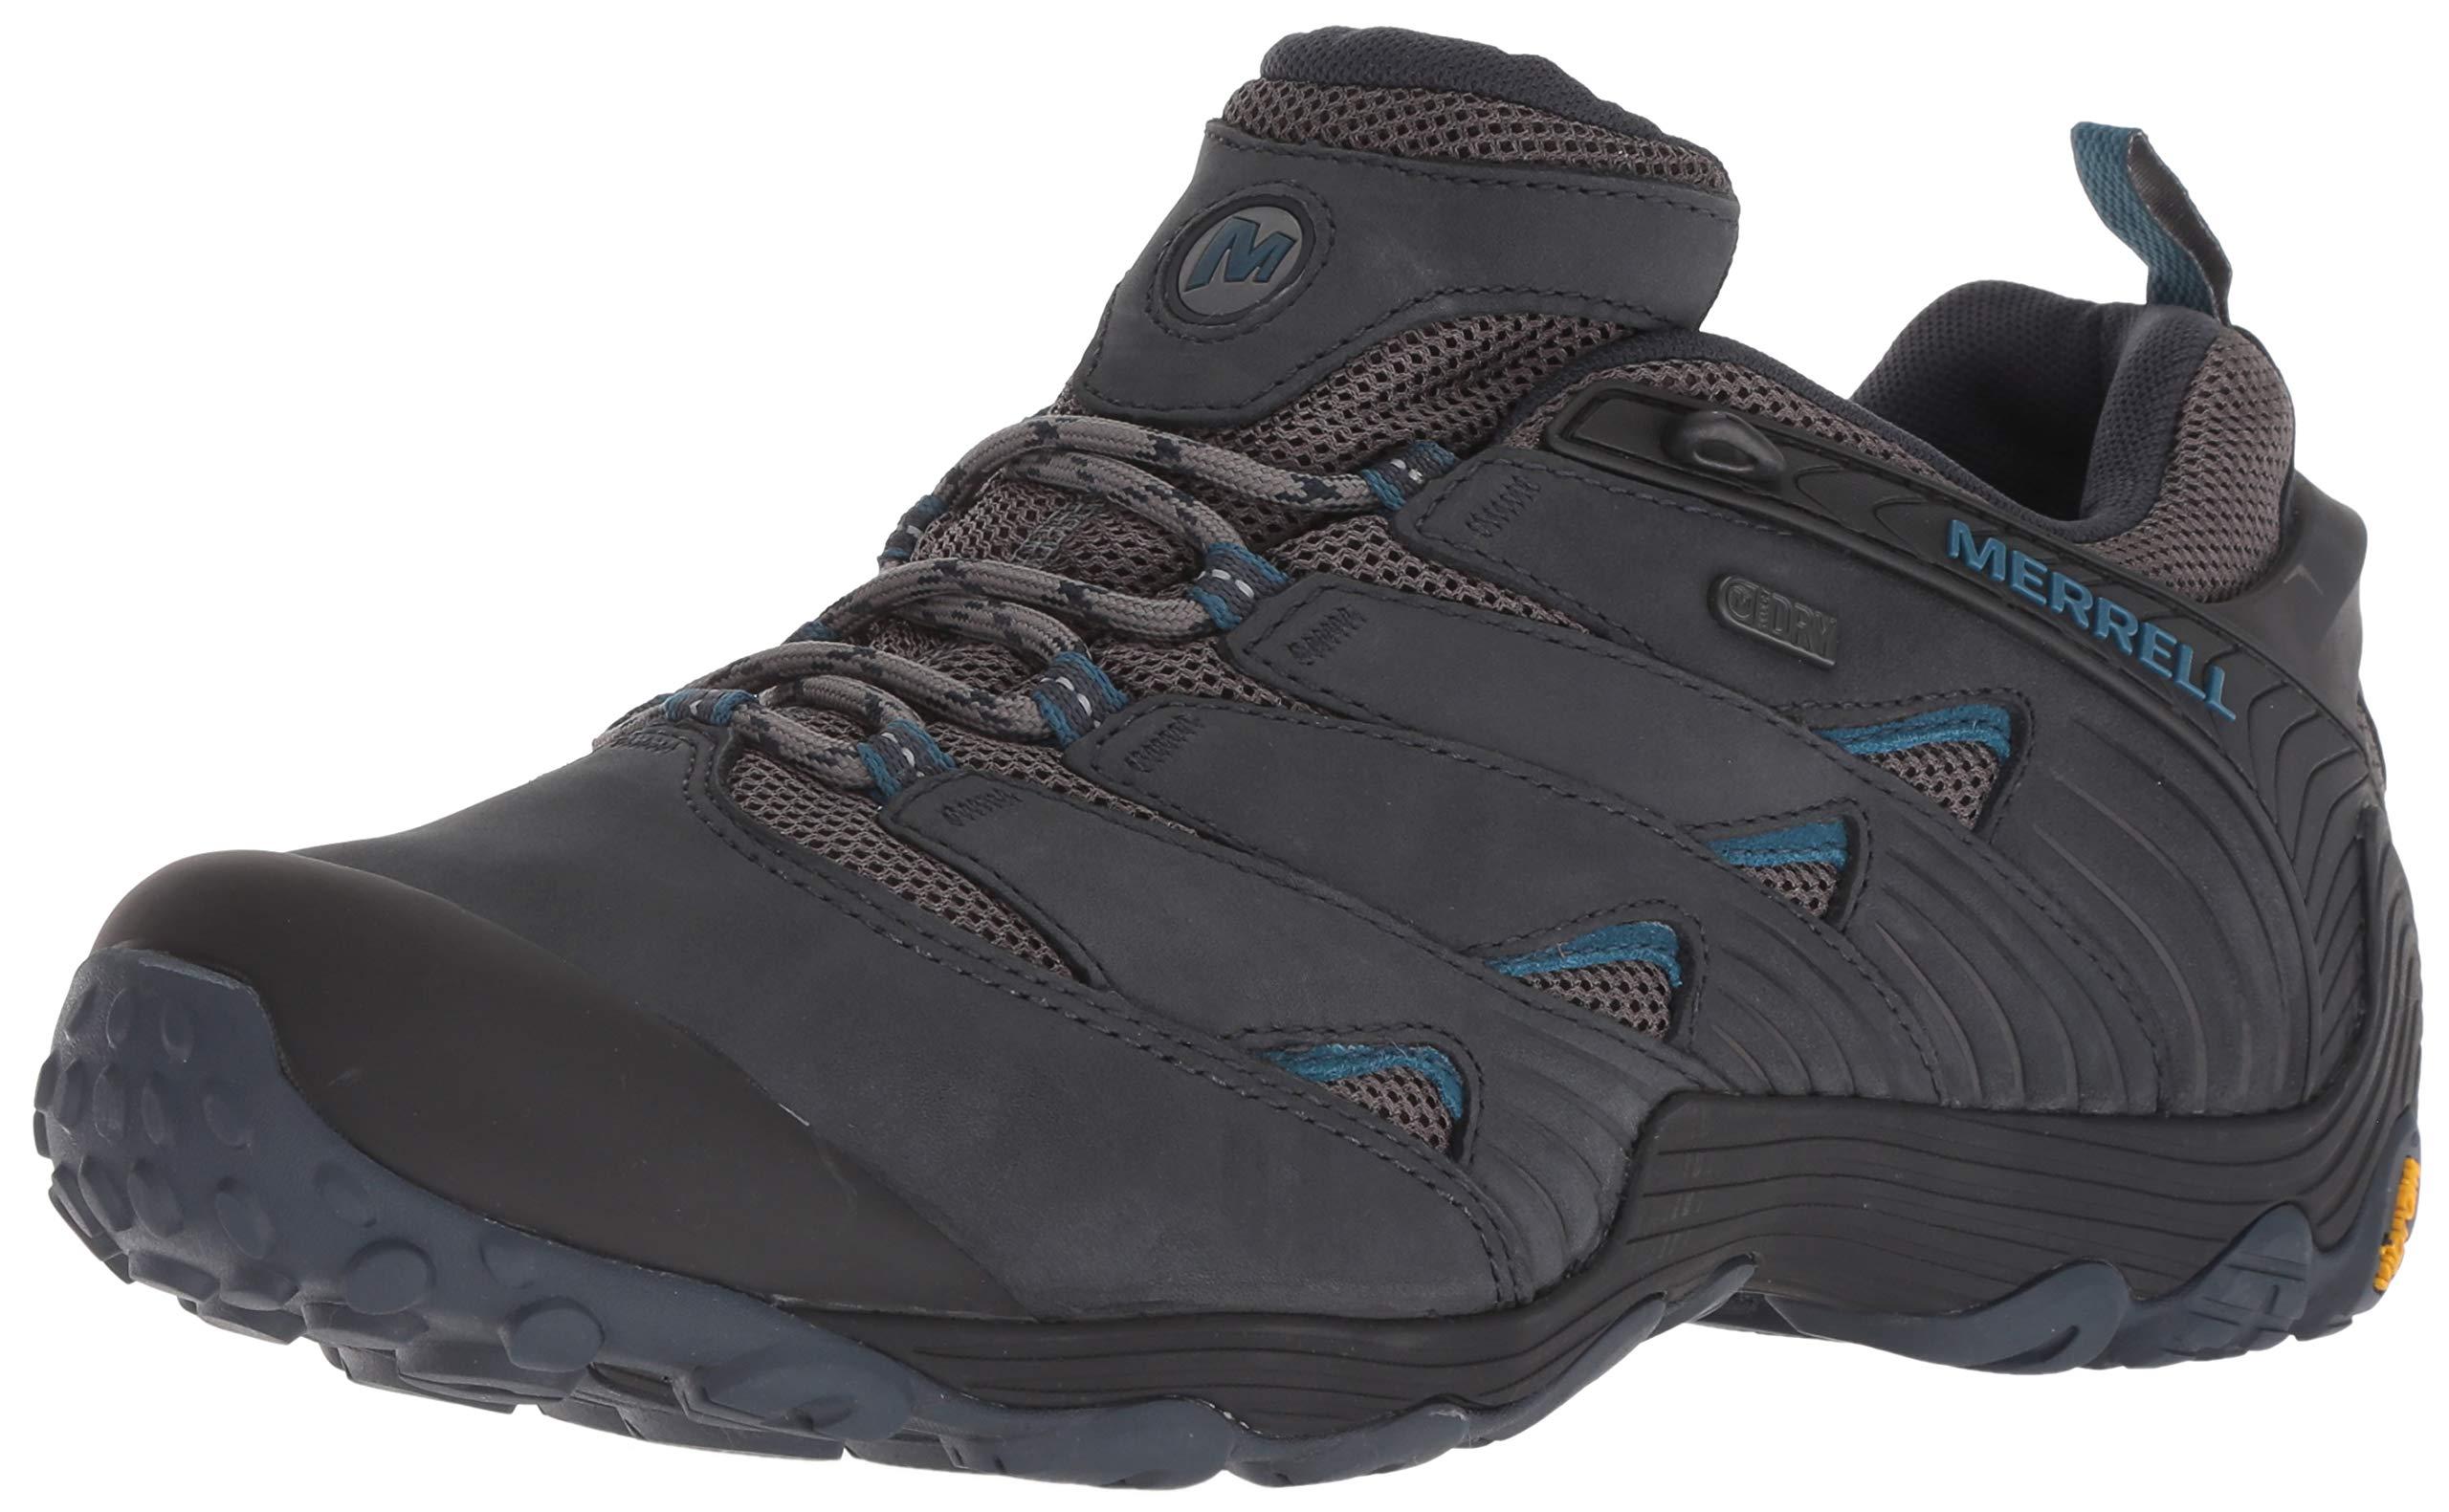 Merrell Men's Chameleon 7 Waterproof Hiking Shoe, Navy, 08.5 M US